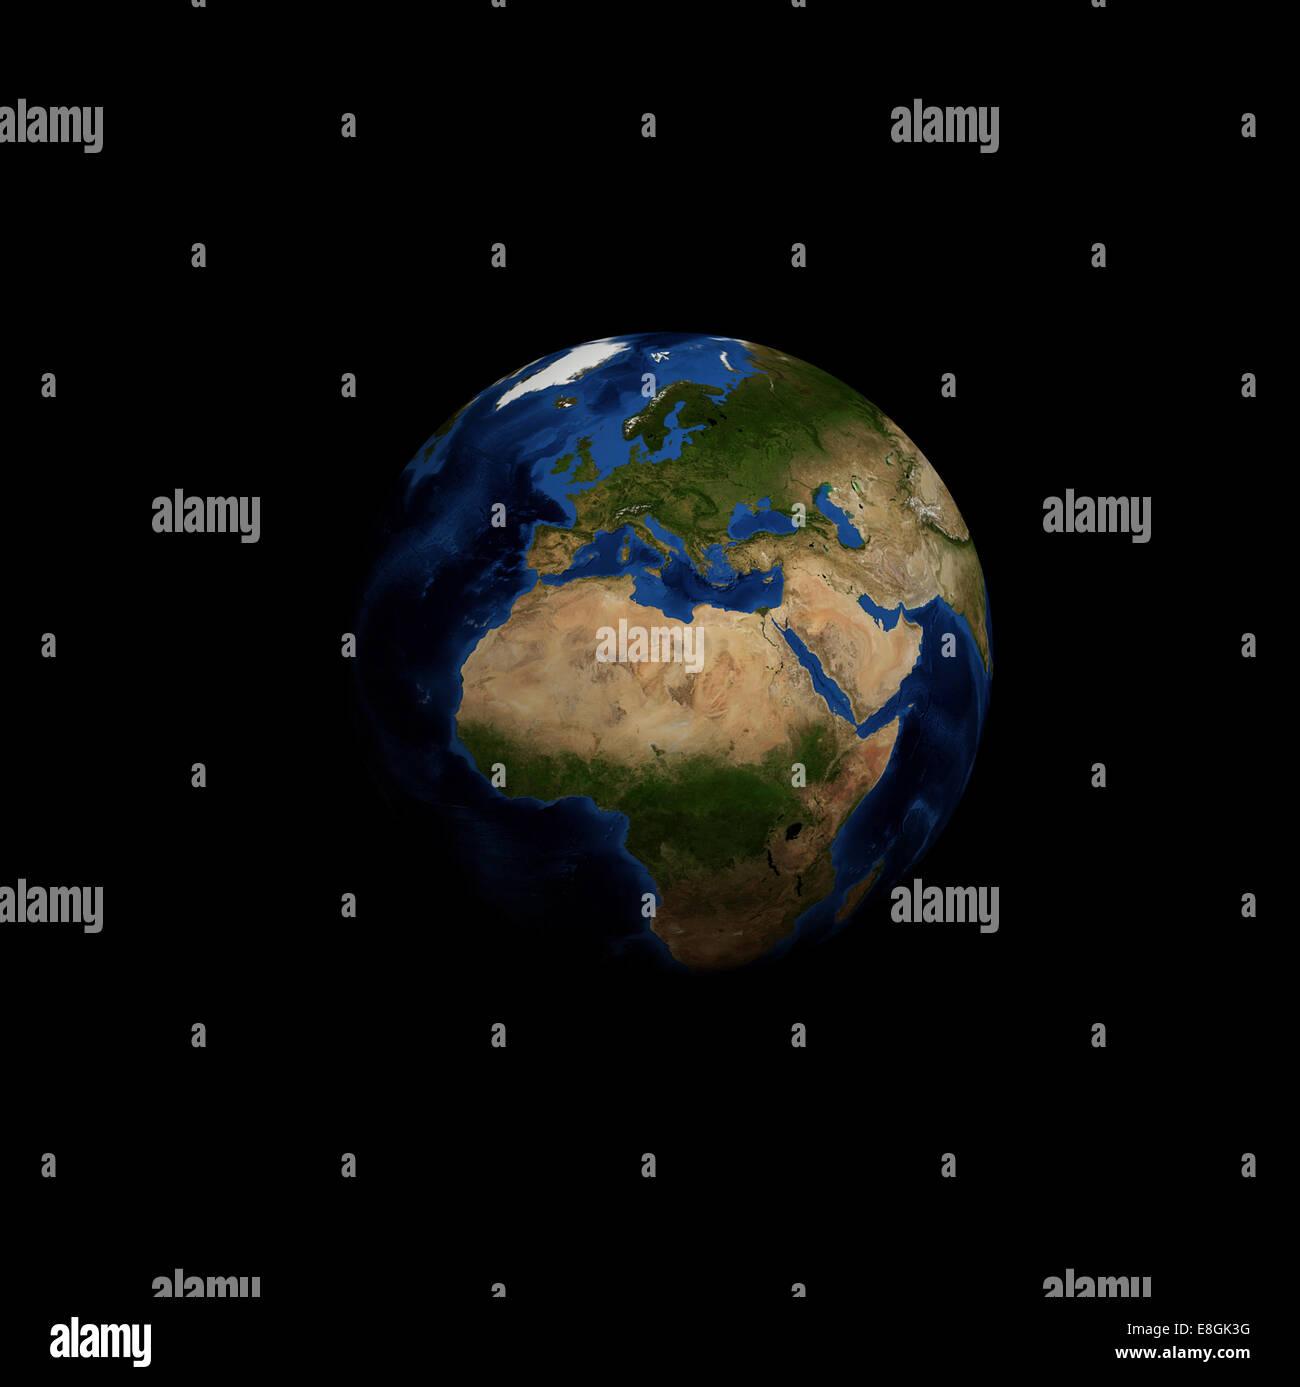 Imagen generada digitalmente del planeta tierra Imagen De Stock